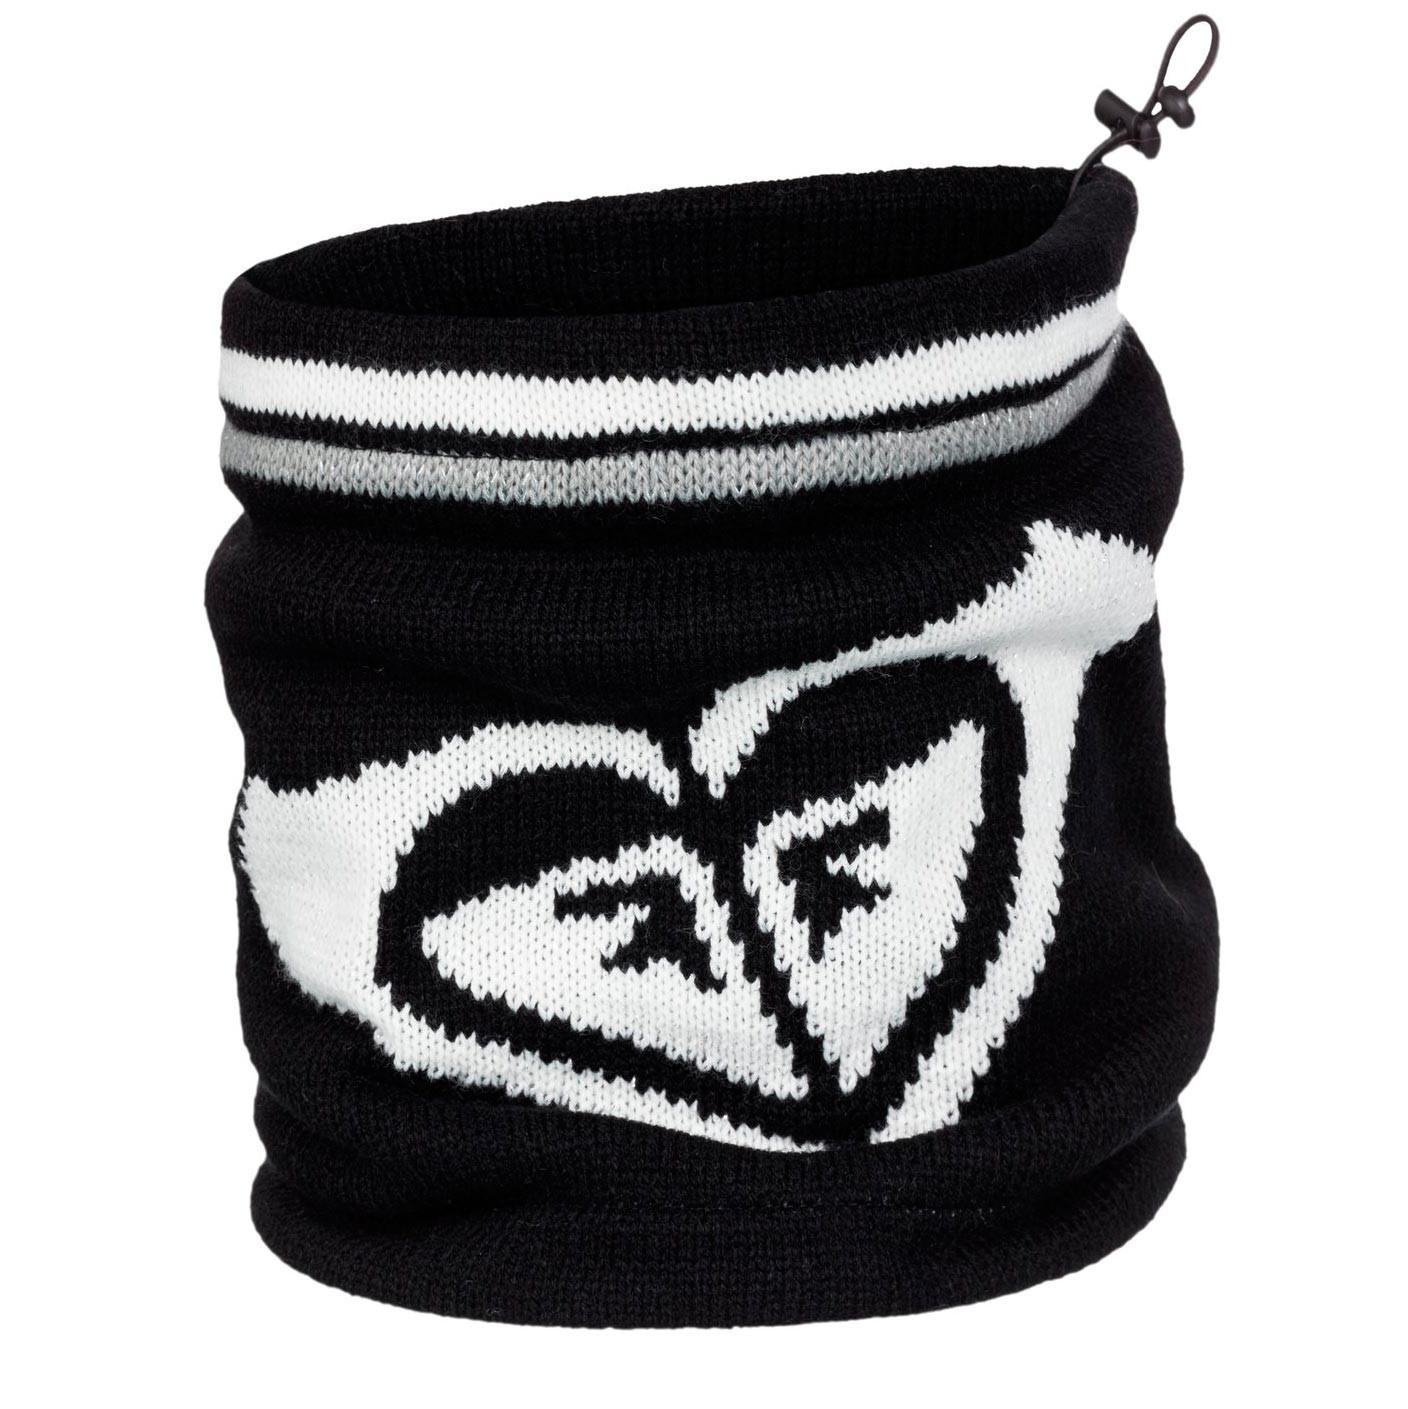 Nákrčník Roxy Roxy Tonic Collar true black